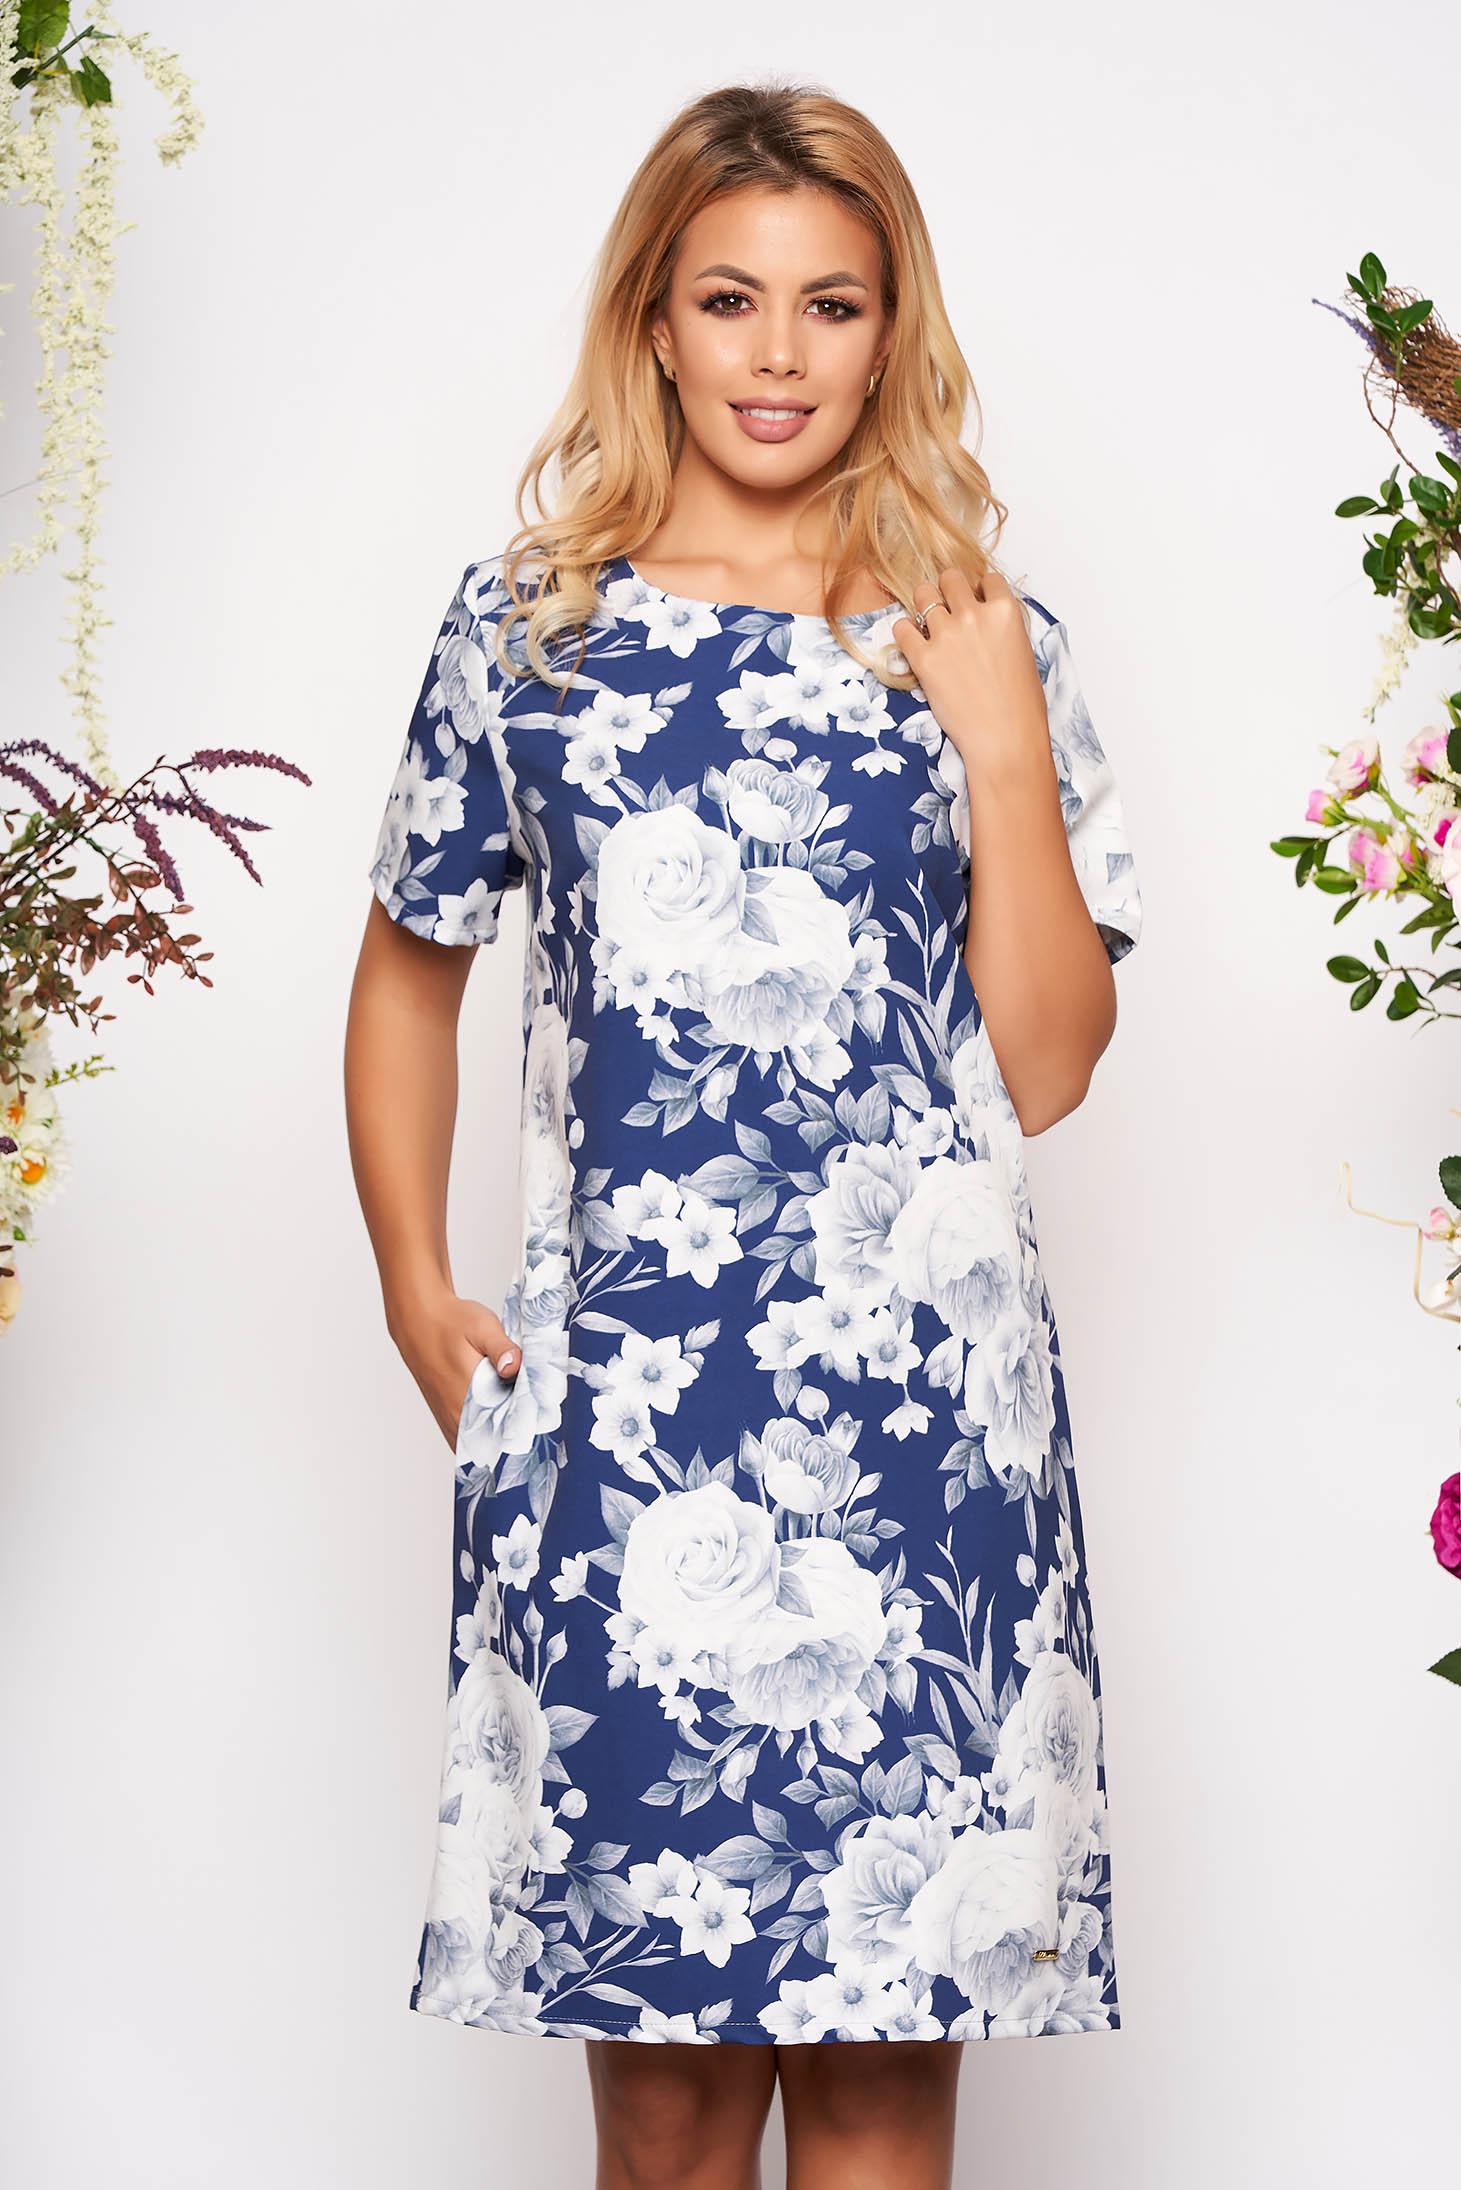 Rochie albastra scurta eleganta din scuba cu croi in a cu buzunare cu maneci scurte si imprimeu floral